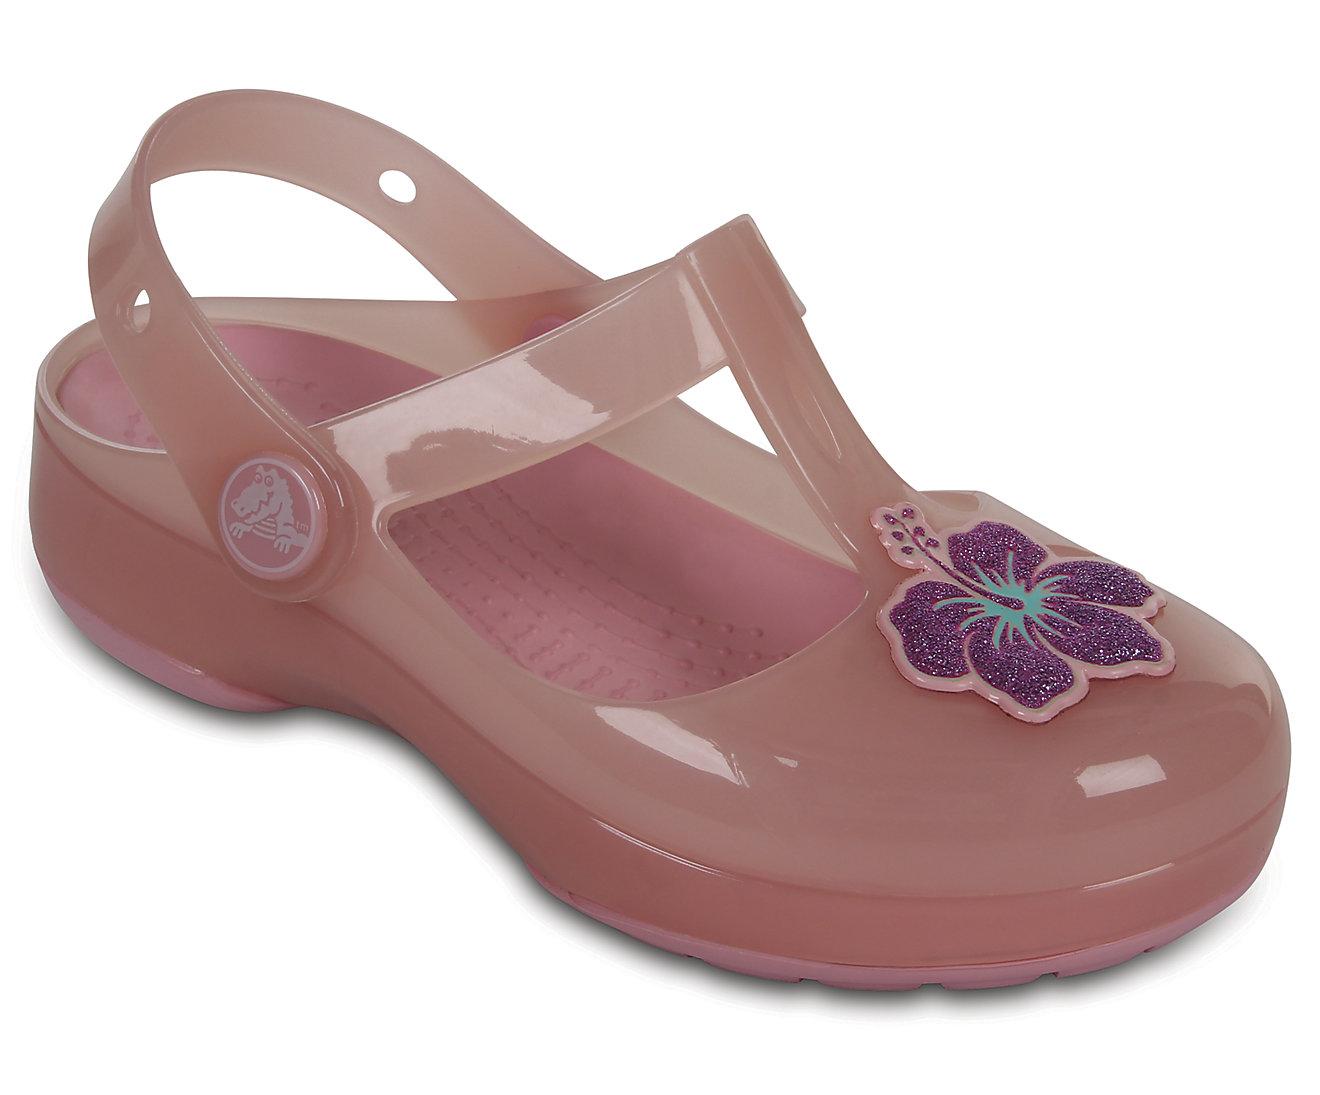 Kids' Crocs Isabella Clogs